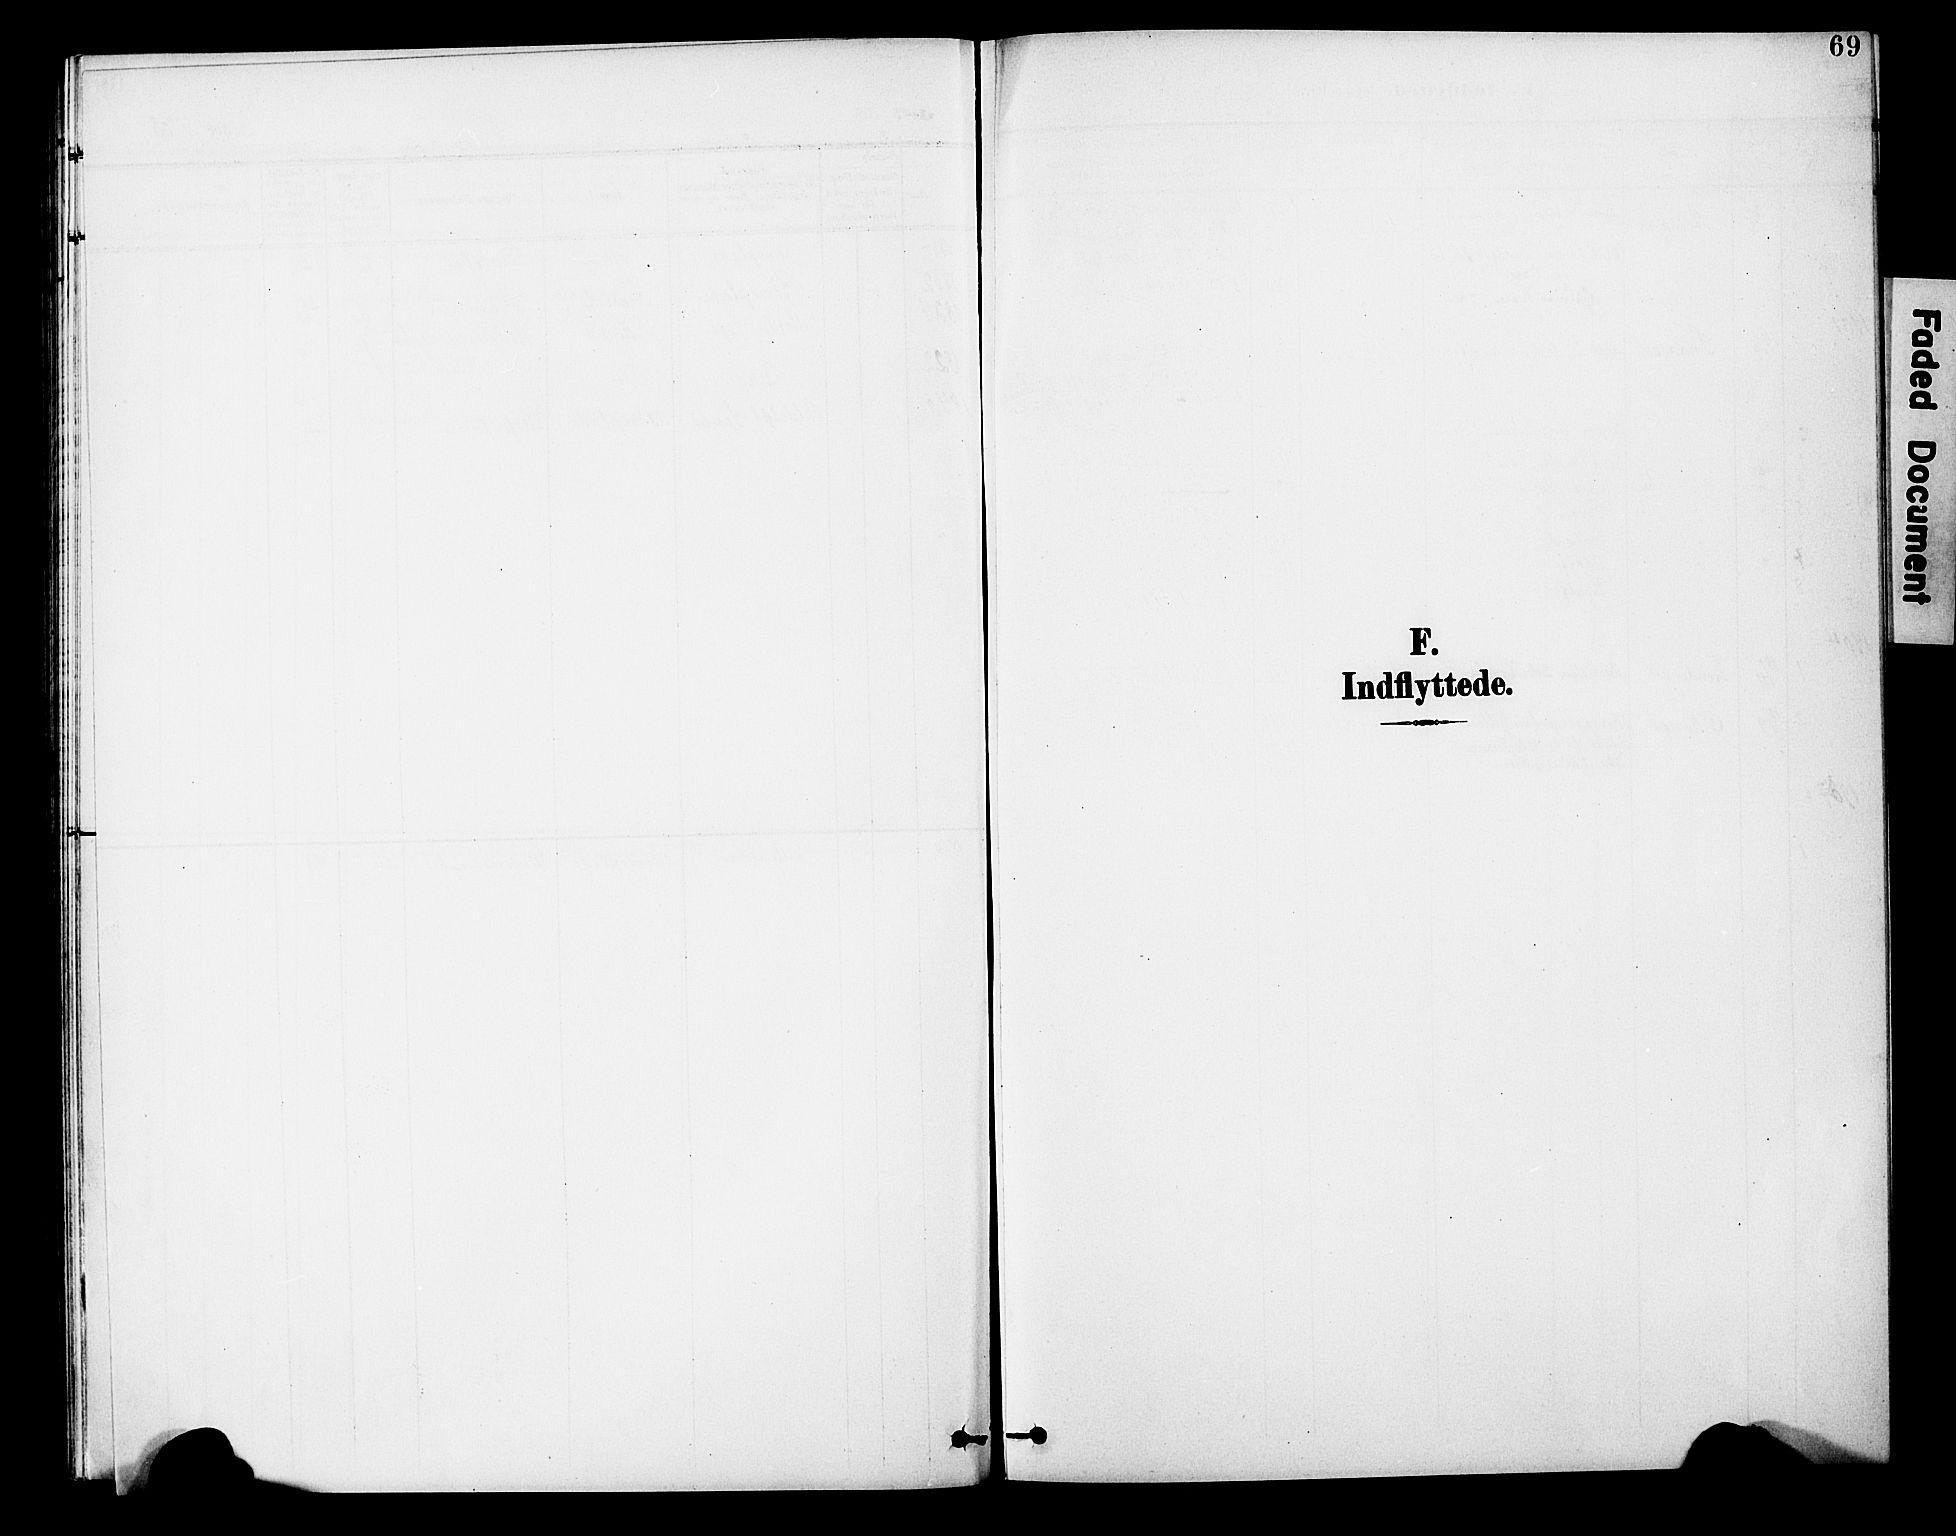 SAT, Ministerialprotokoller, klokkerbøker og fødselsregistre - Nord-Trøndelag, 746/L0452: Ministerialbok nr. 746A09, 1900-1908, s. 69